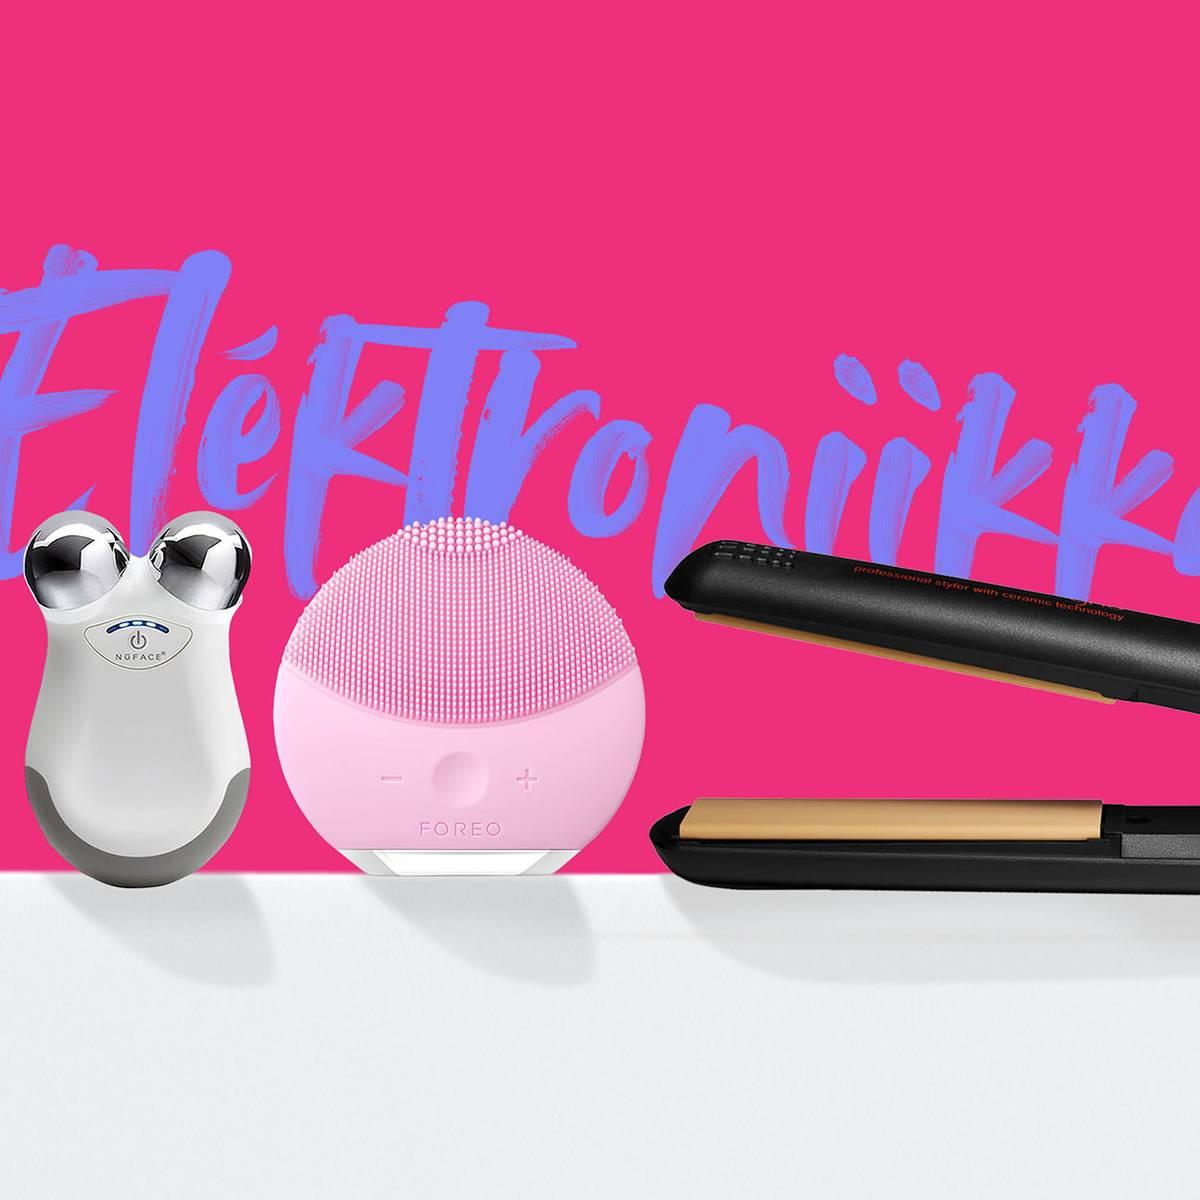 Elektronic lookfantastic